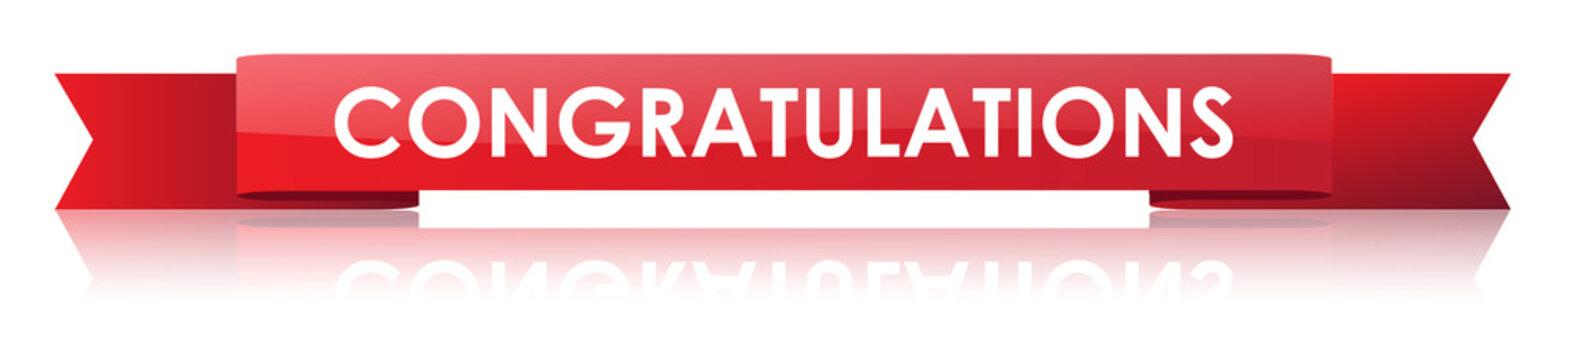 Congratulations Ribbon